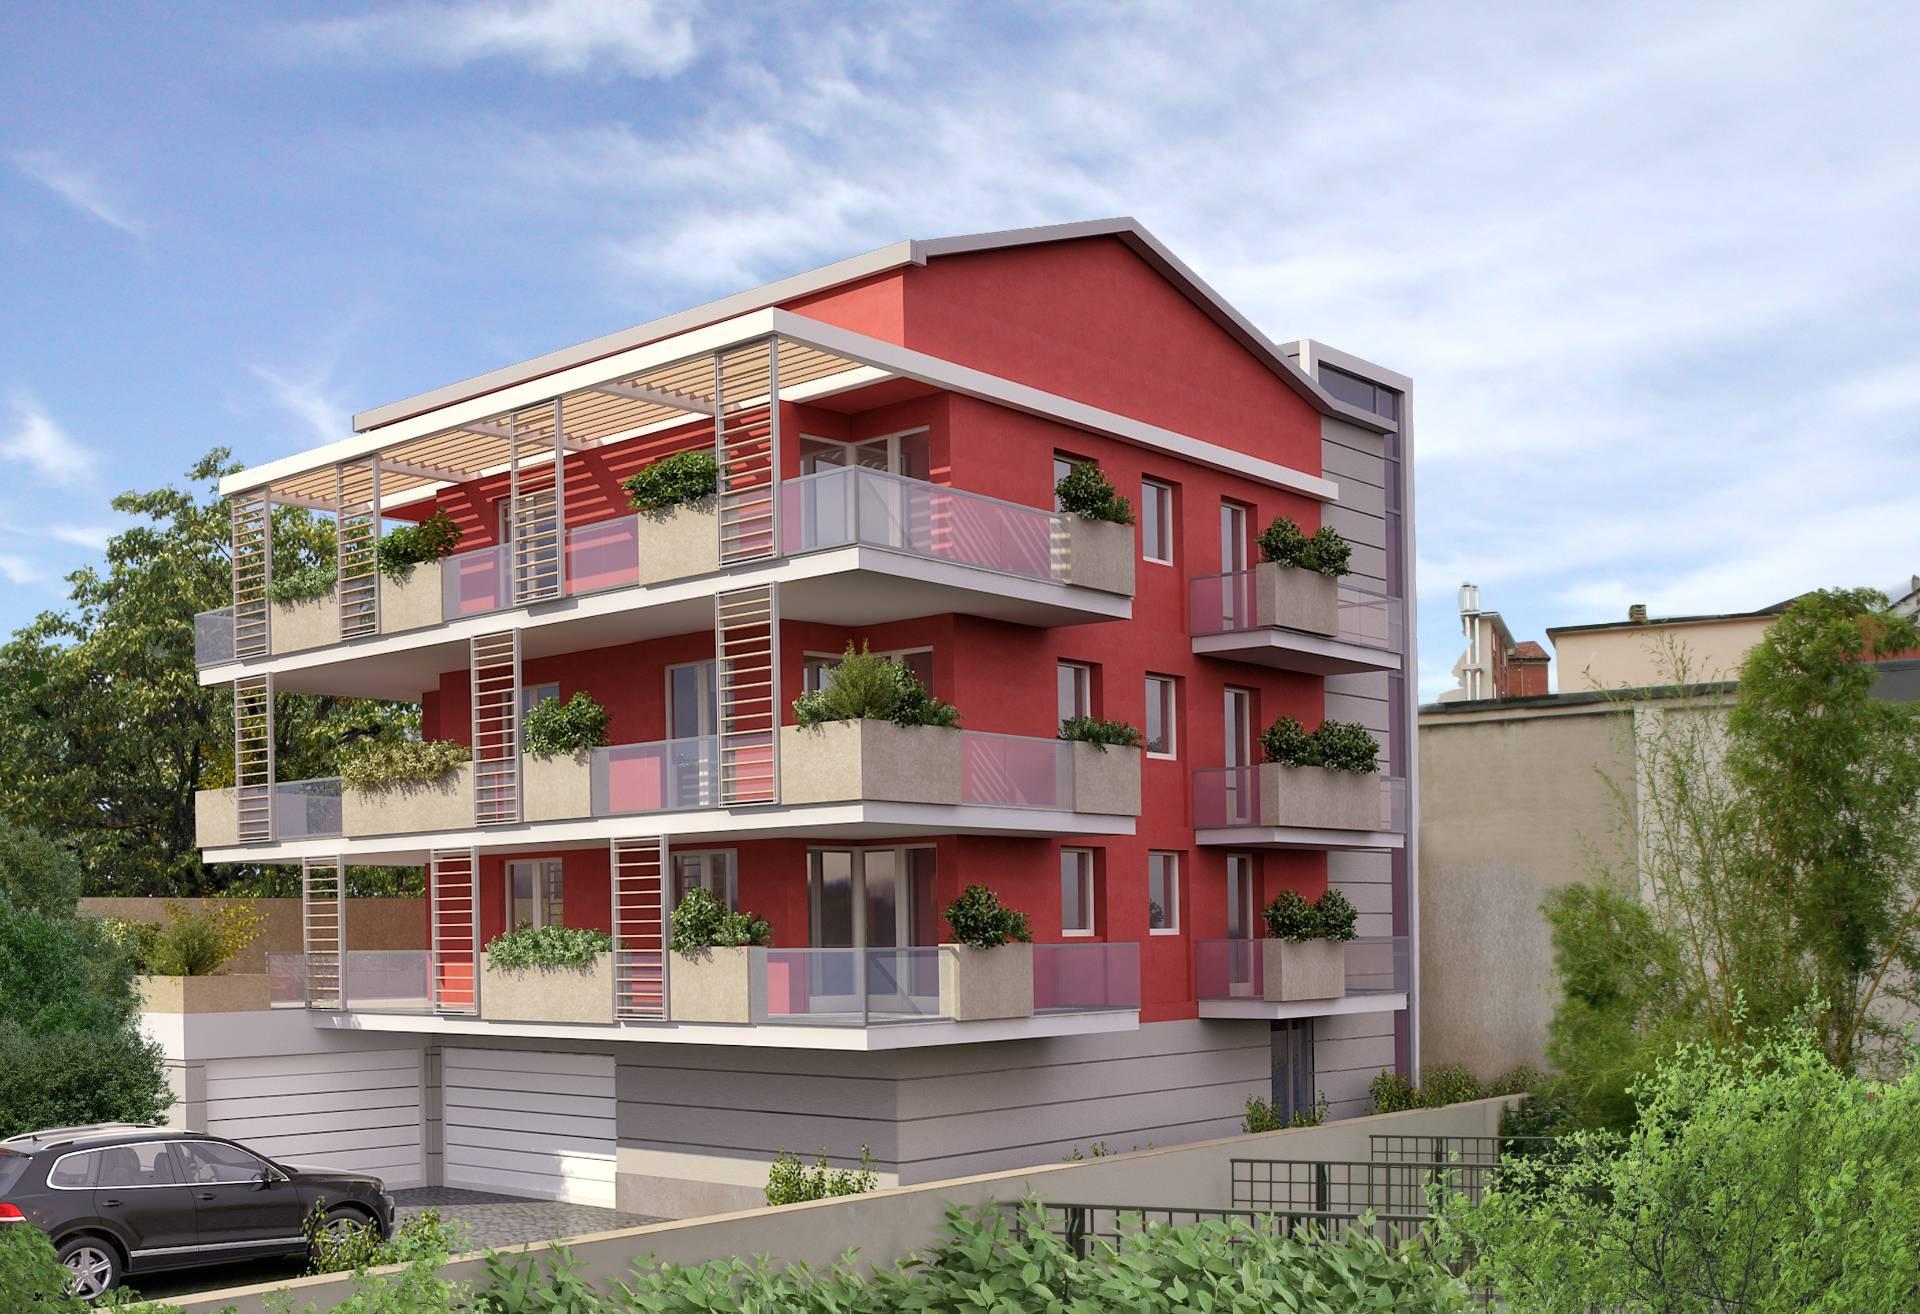 Appartamento in Vendita a Milano 06 Italia / Porta Romana / Bocconi / Lodi:  3 locali, 89 mq  - Foto 1